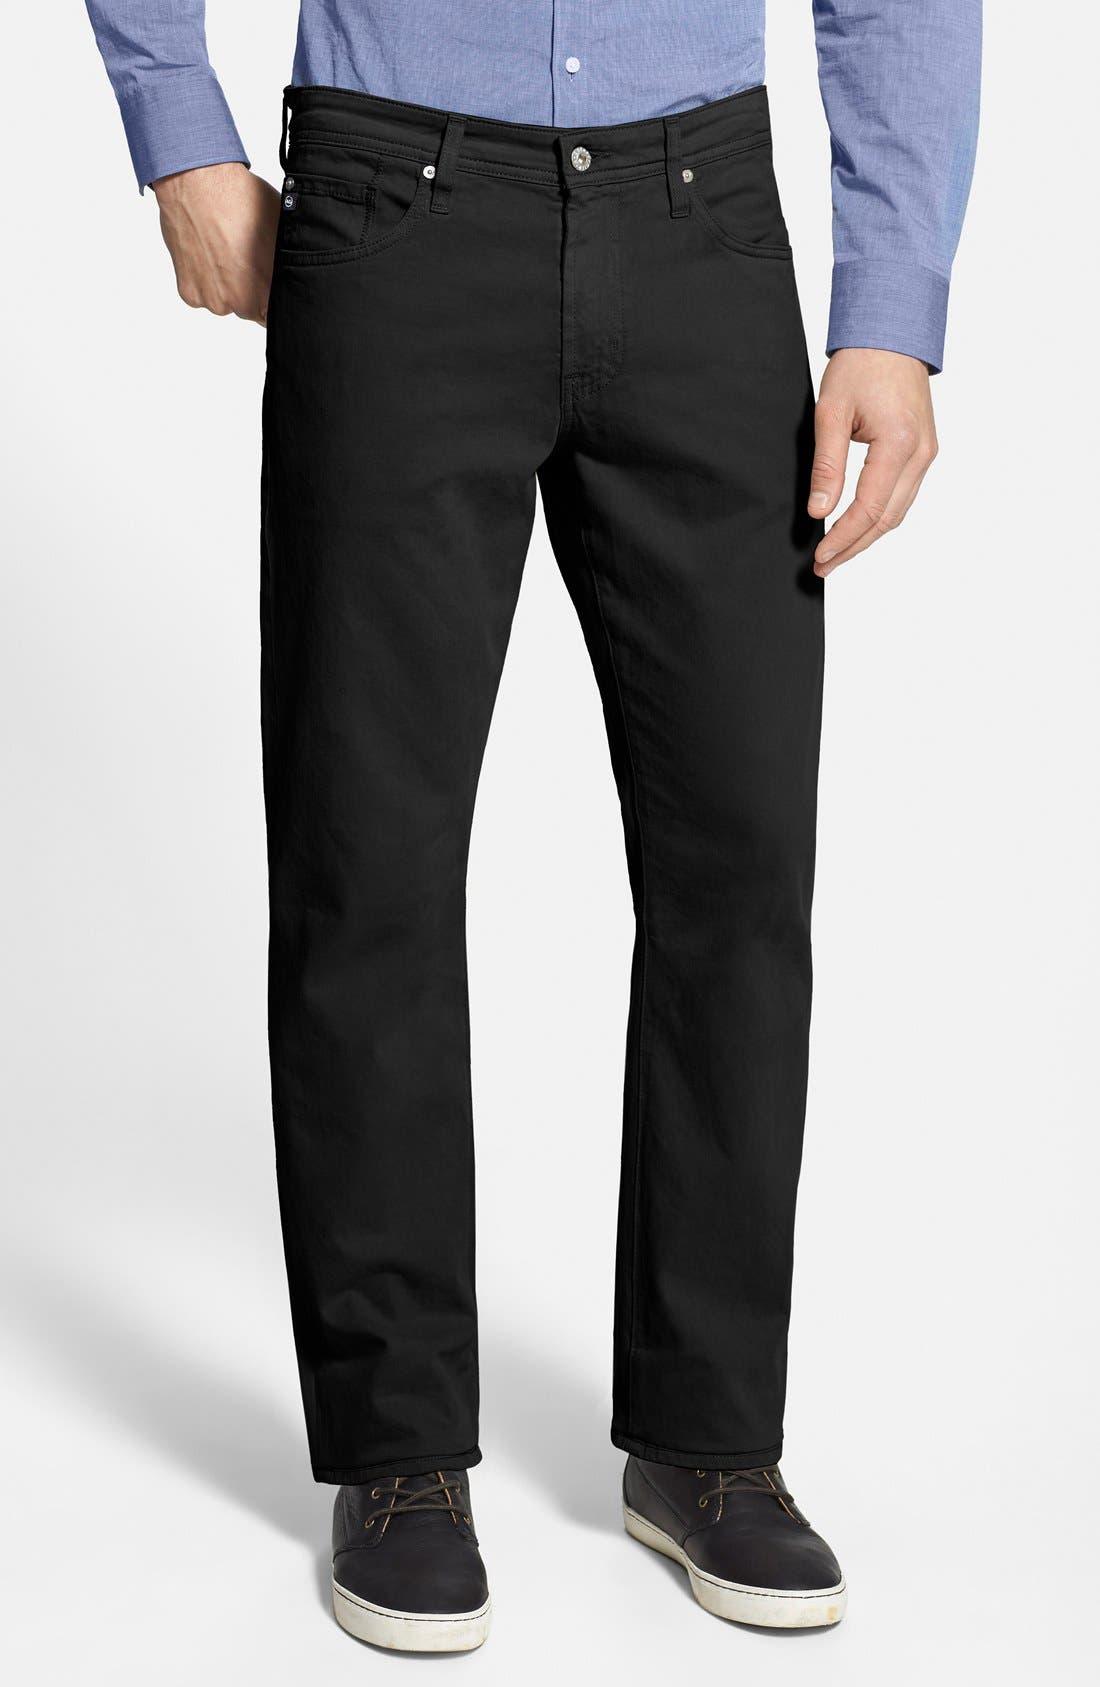 'Protégé SUD' Straight Leg Pants,                         Main,                         color, 010